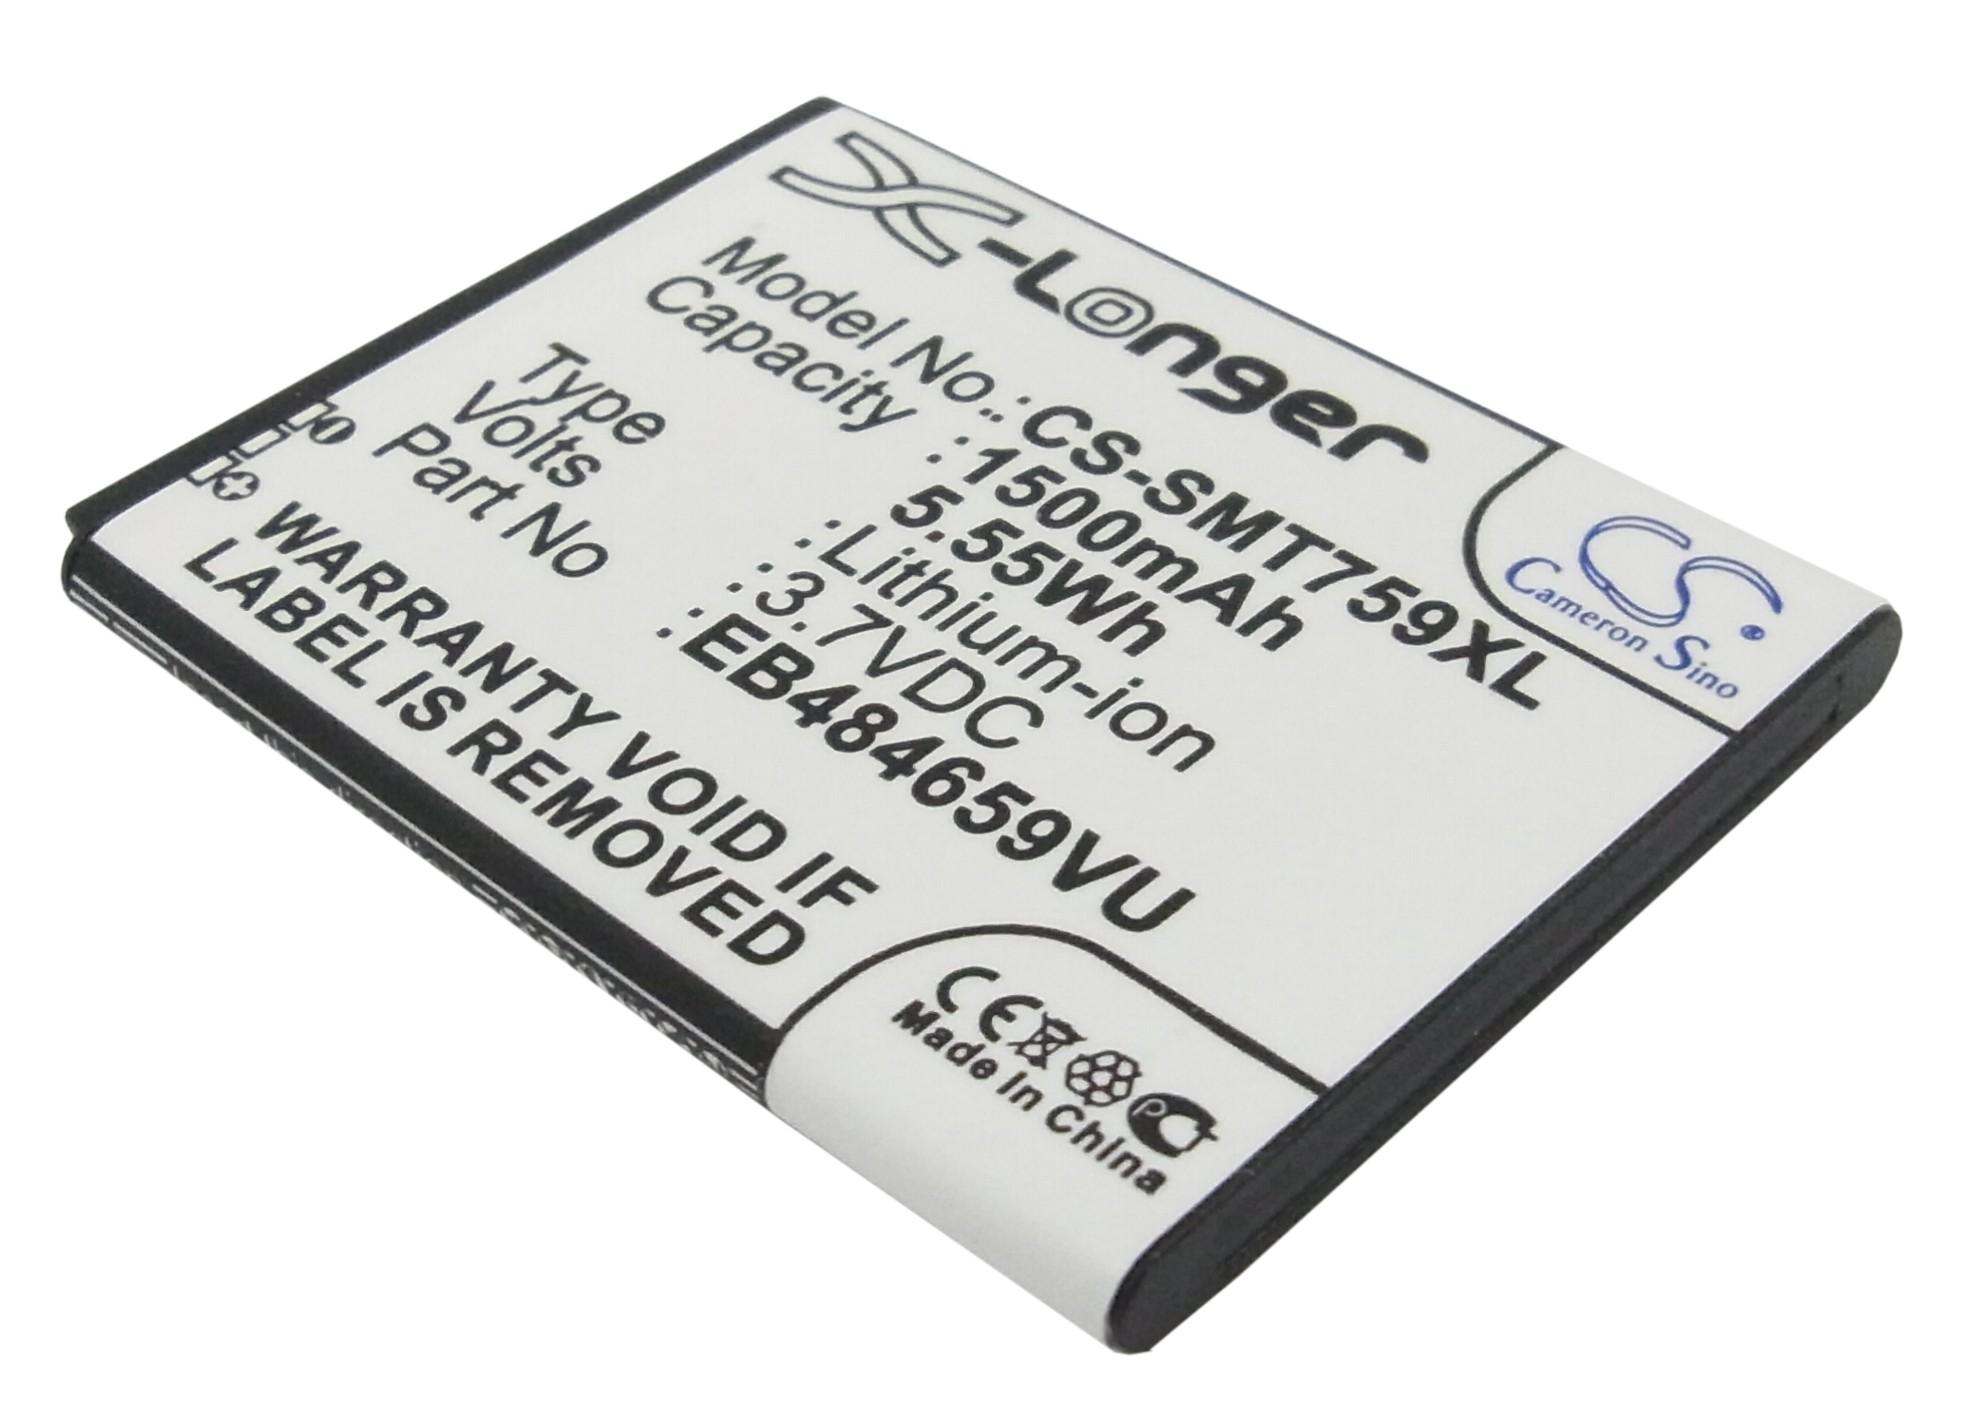 Cameron Sino baterie do mobilů pro SAMSUNG Galaxy S WiFi 4.2 3.7V Li-ion 1500mAh černá - neoriginální